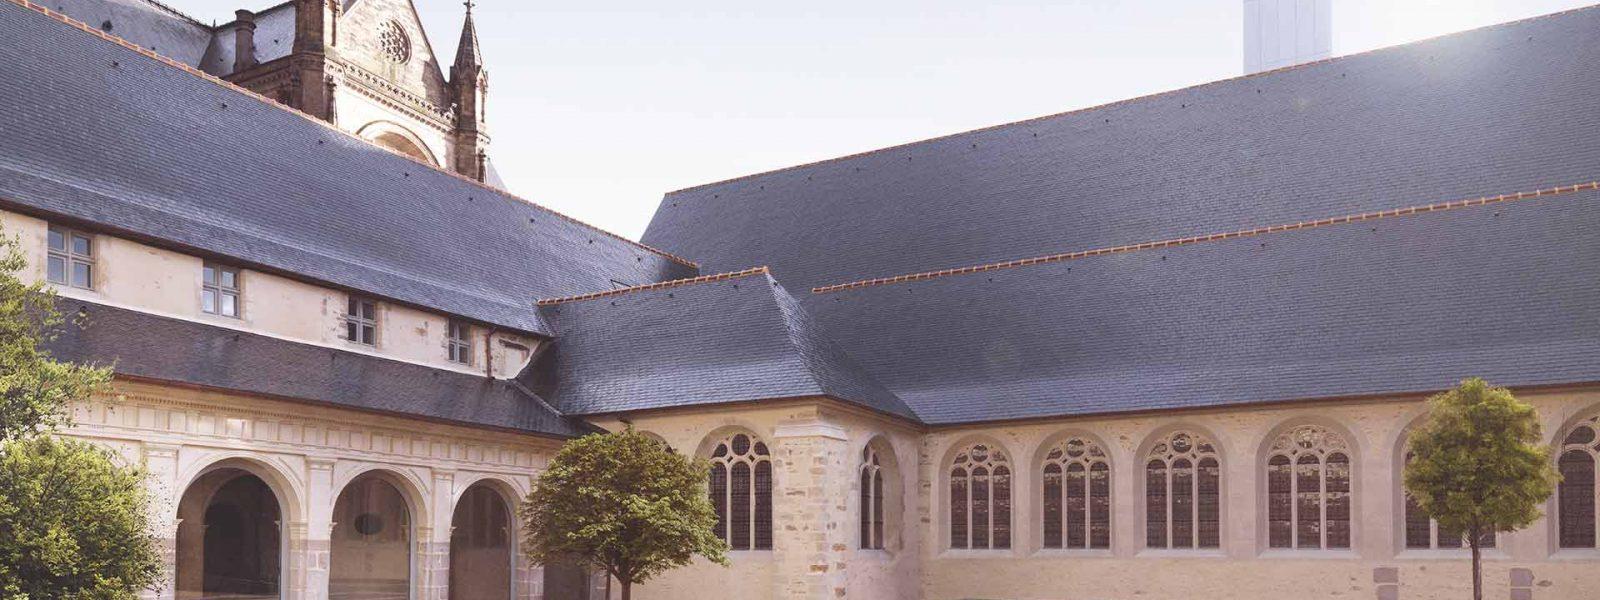 Le couvent des Jacobins - Centre des congrès à Rennes